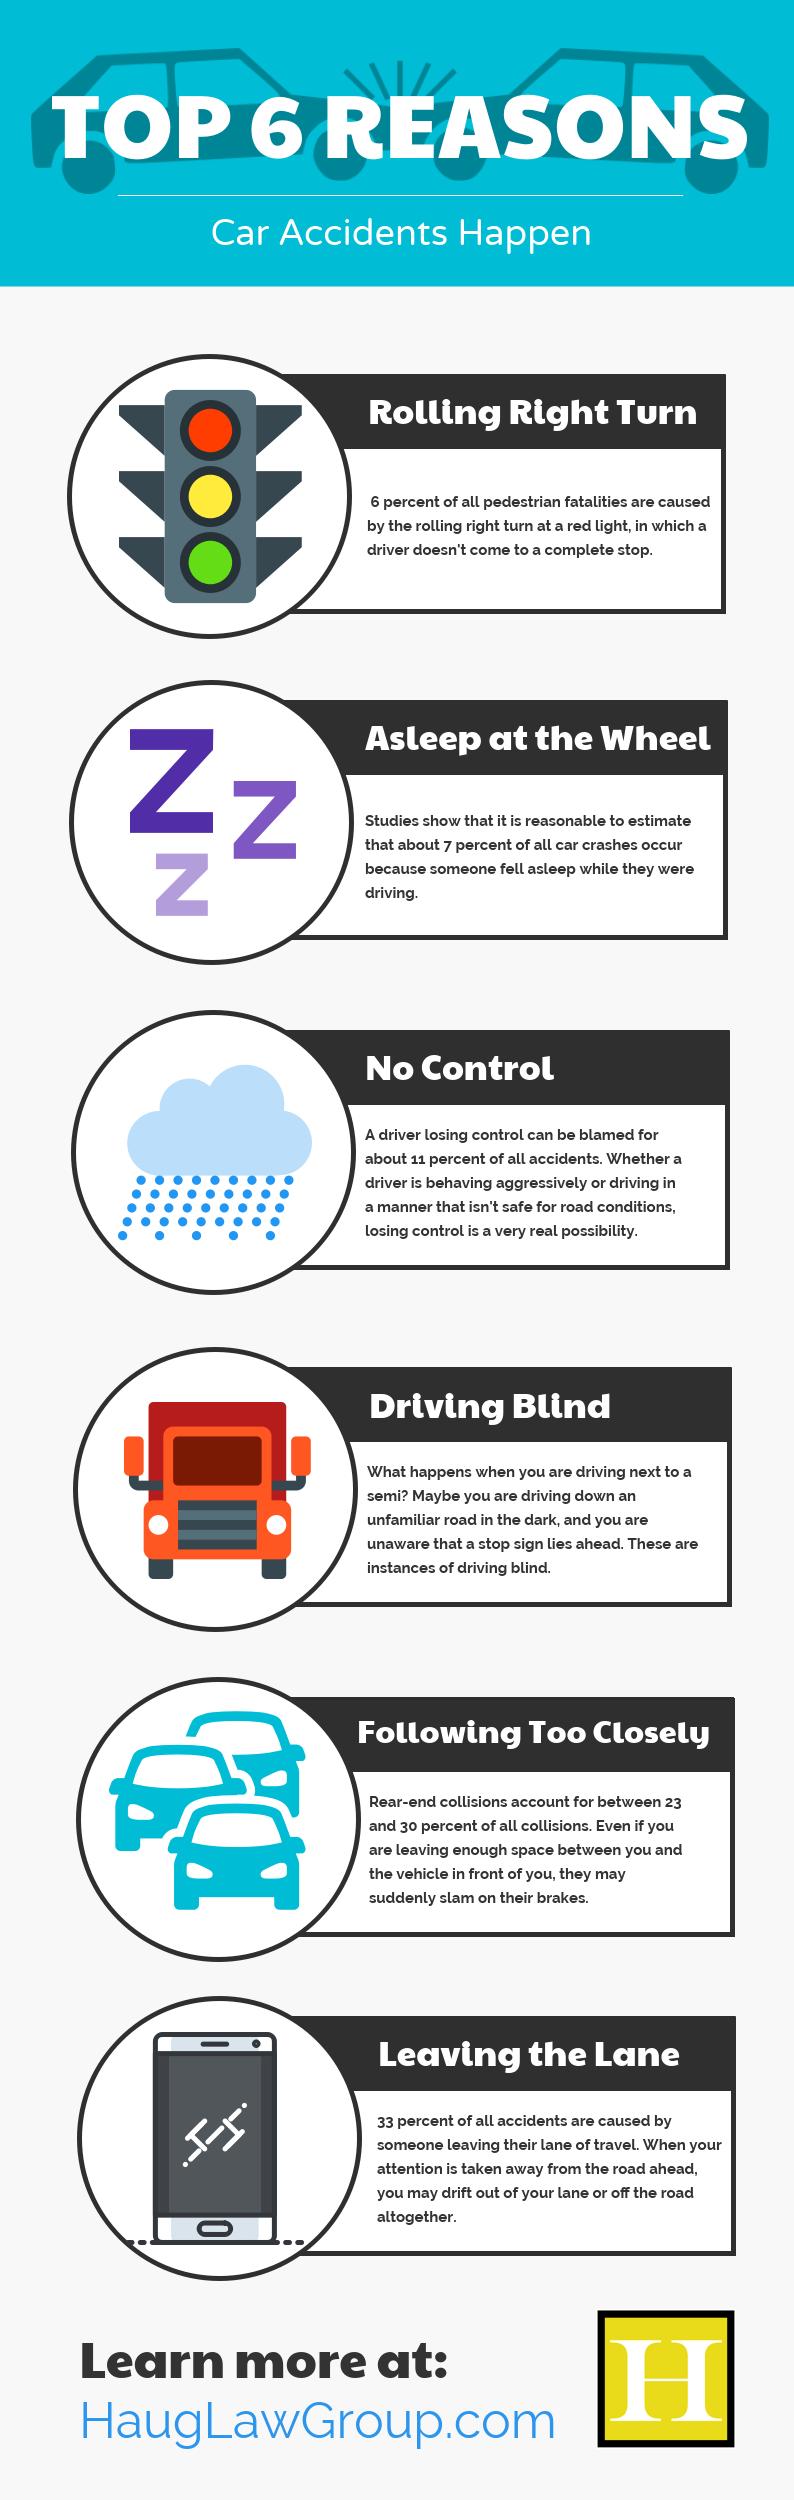 Top 6 reasons car accidents happen